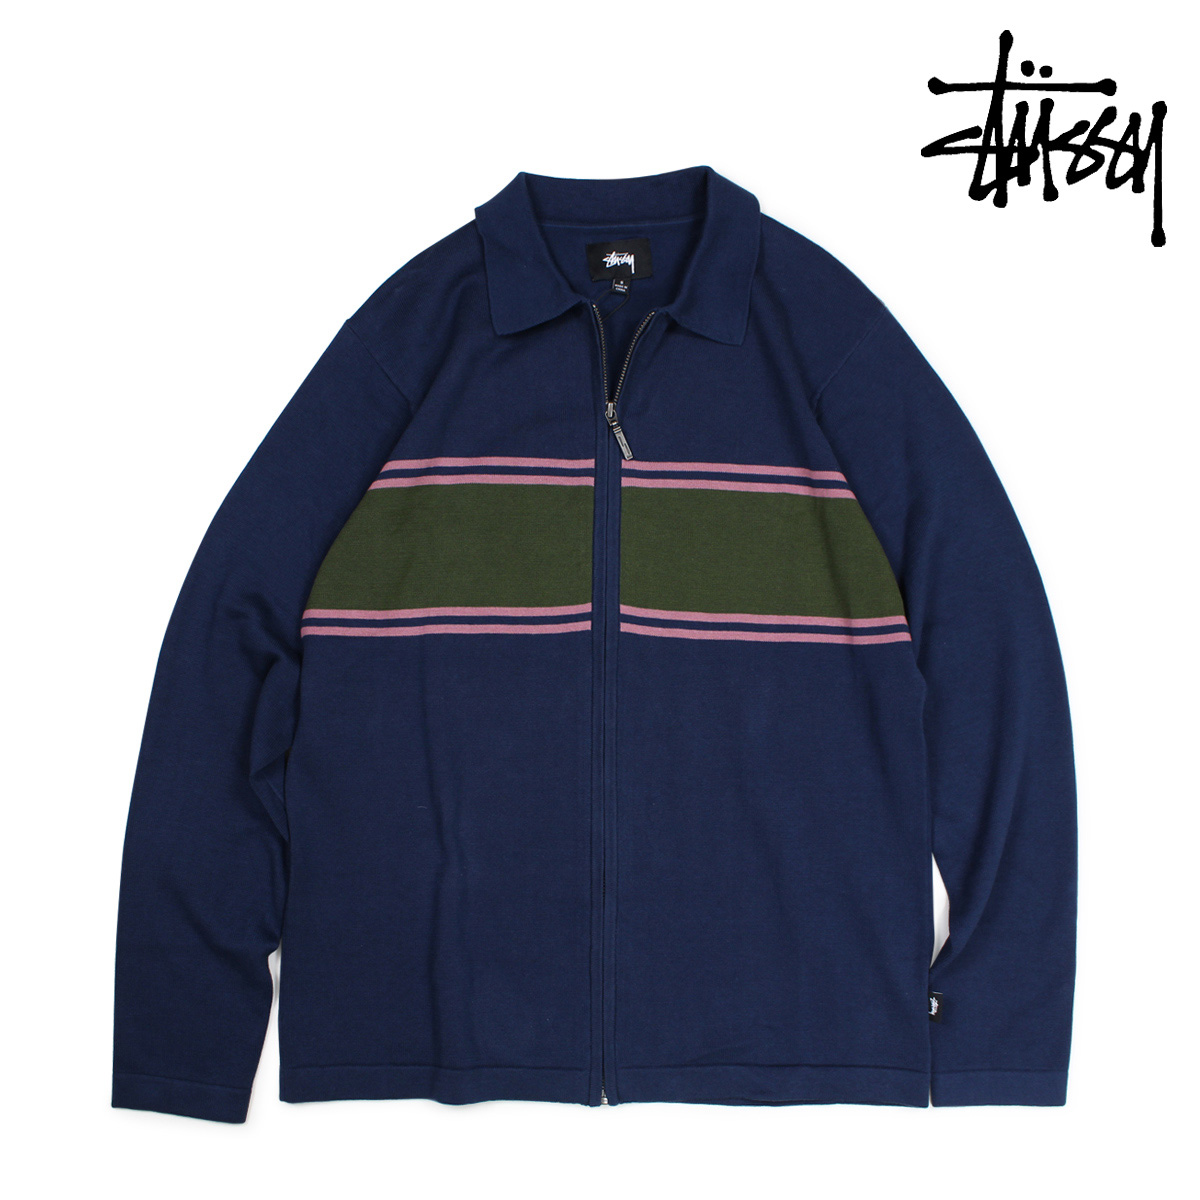 ステューシー STUSSY セーター メンズ ニット CODY STRIPE LS POLO SWEATER ネイビー 117050